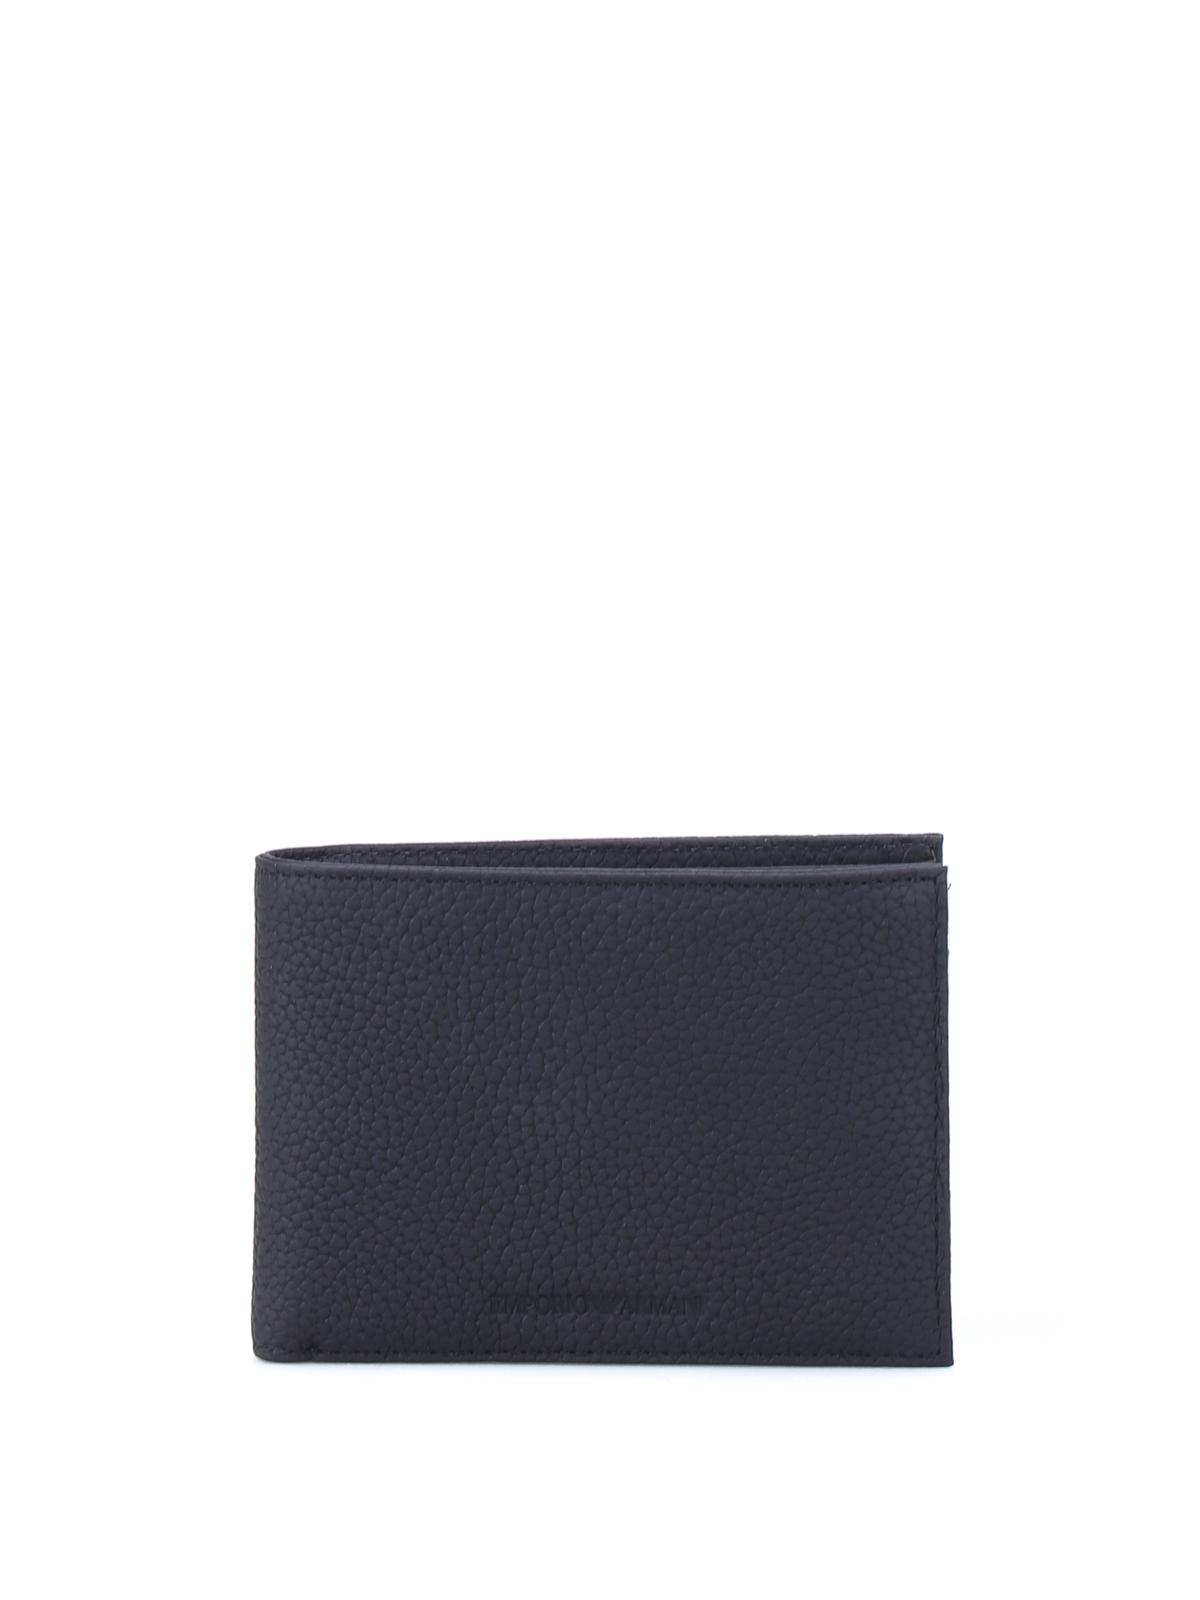 5468c21d62 Emporio Armani - Portafoglio bi-fold a grana nero - portafogli ...